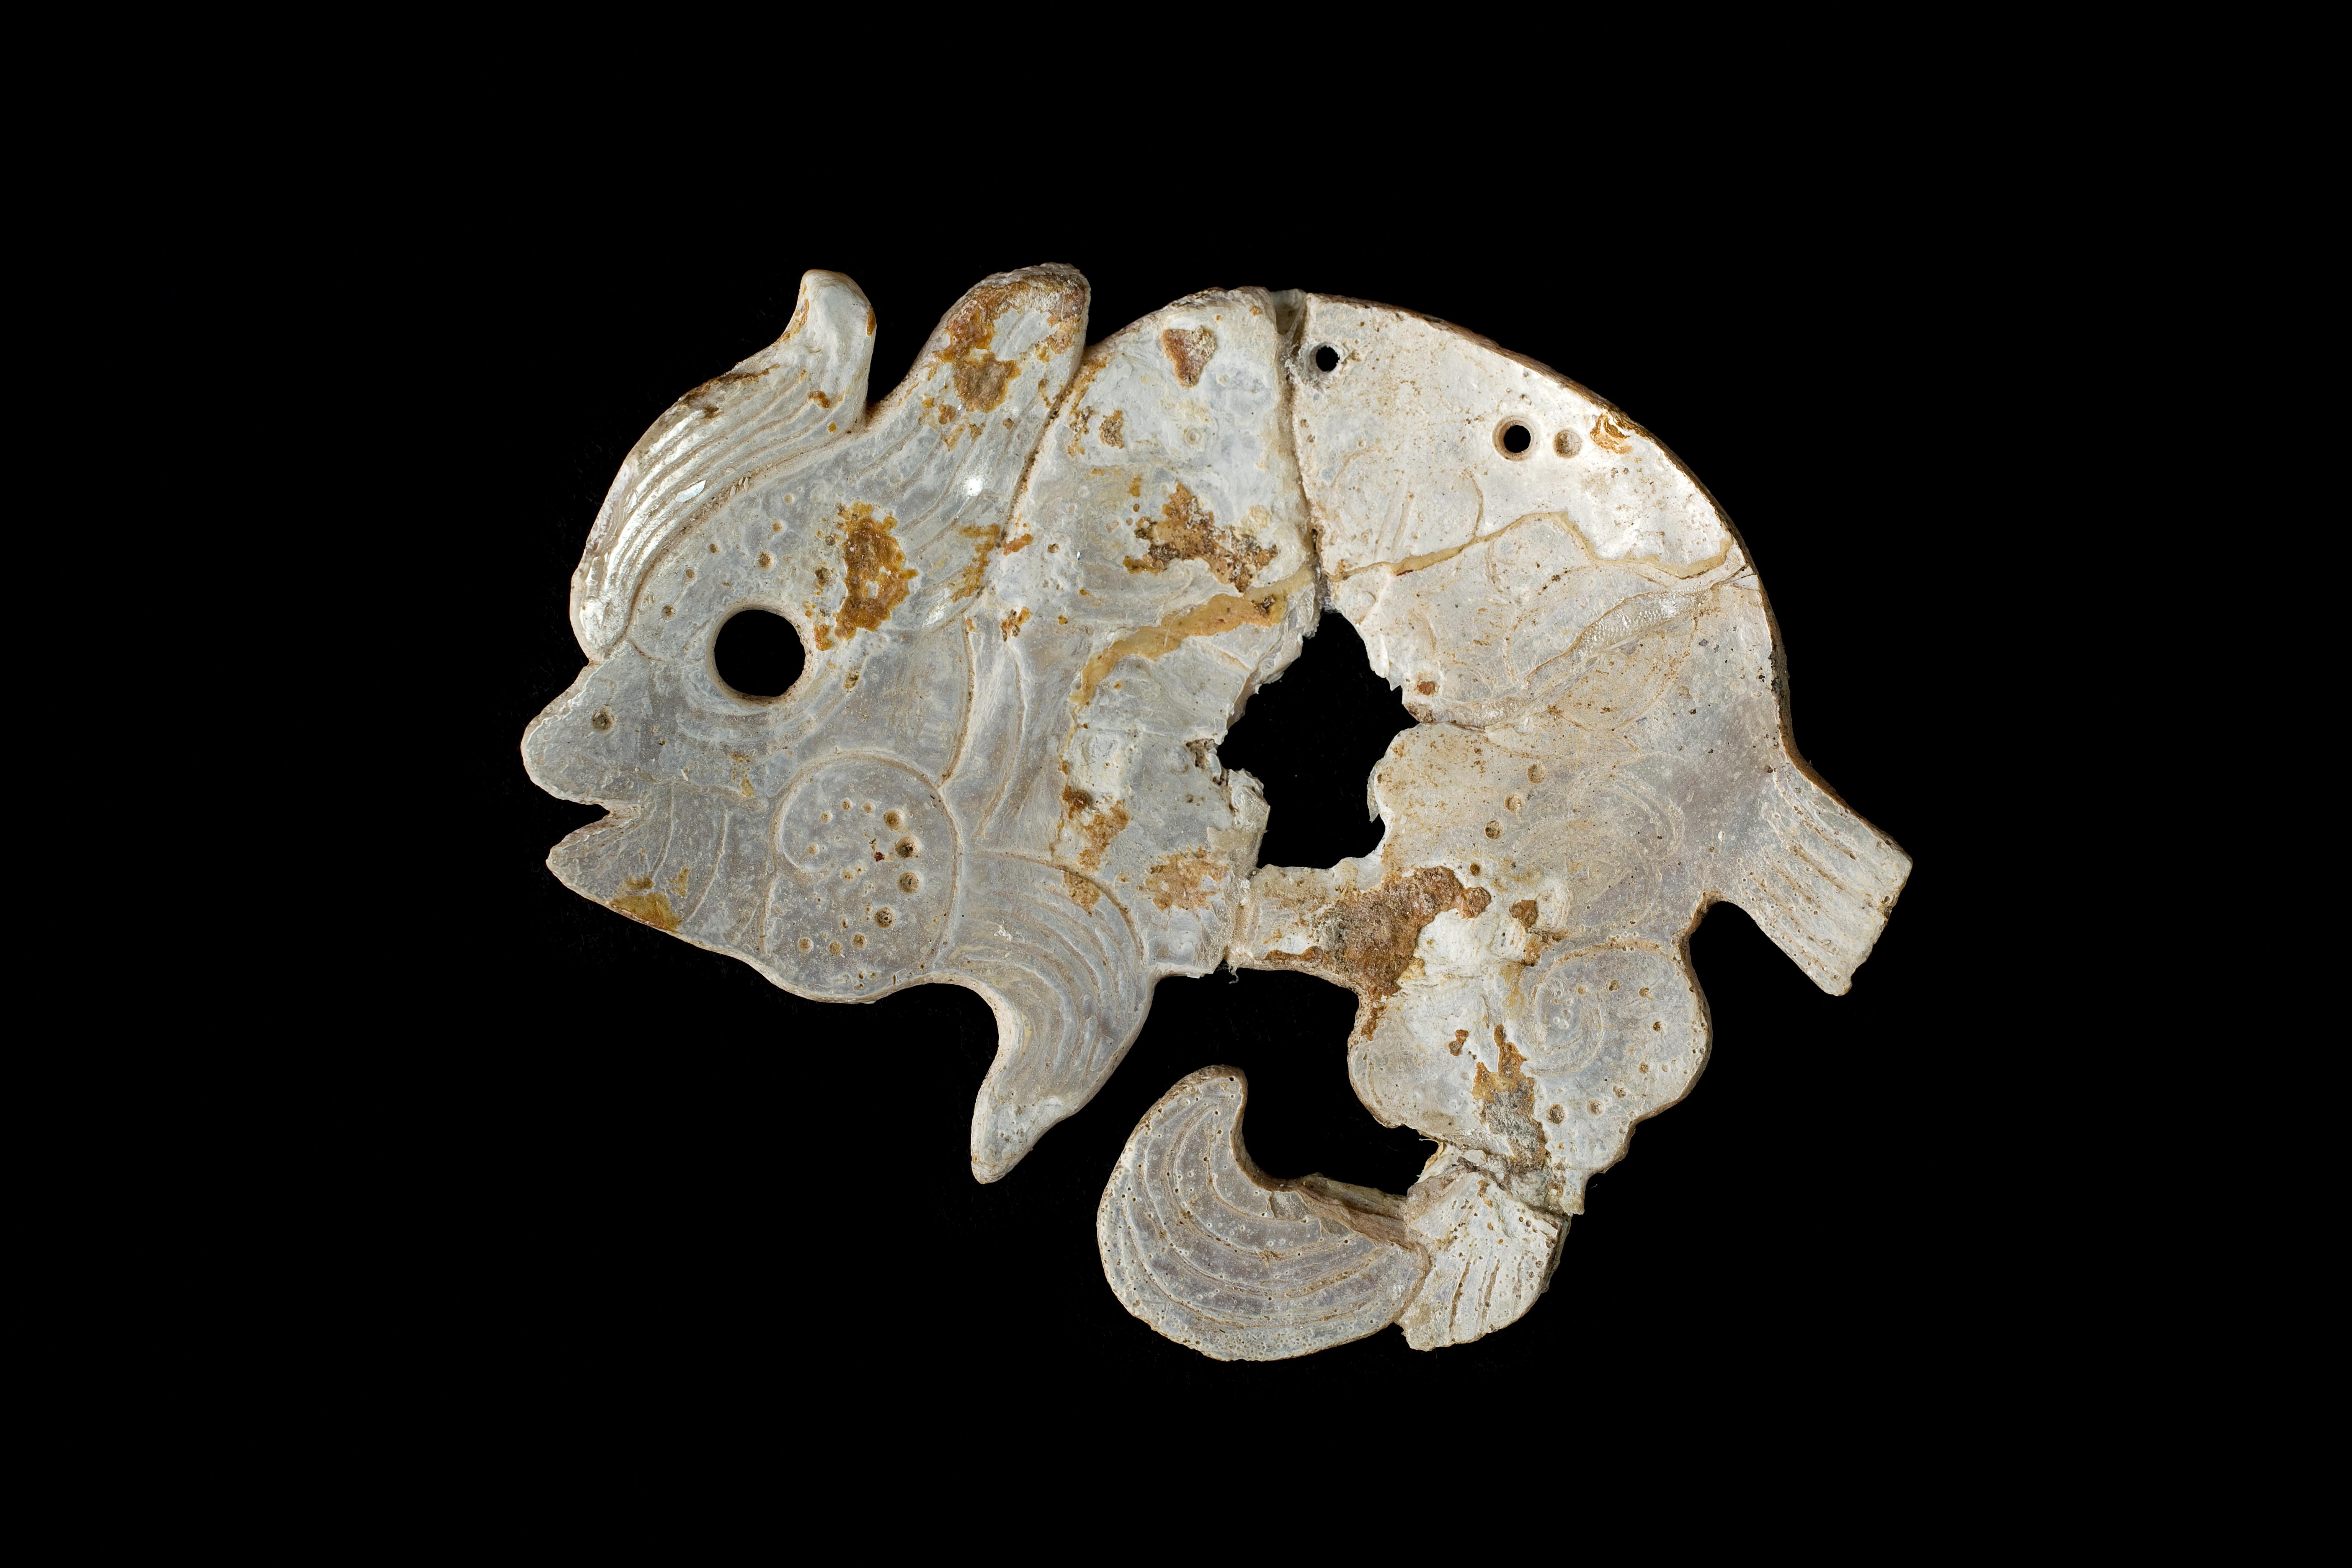 Colgante de concha en forma de pez que se localizó sobre el pecho del gobernante de Ek Balám.